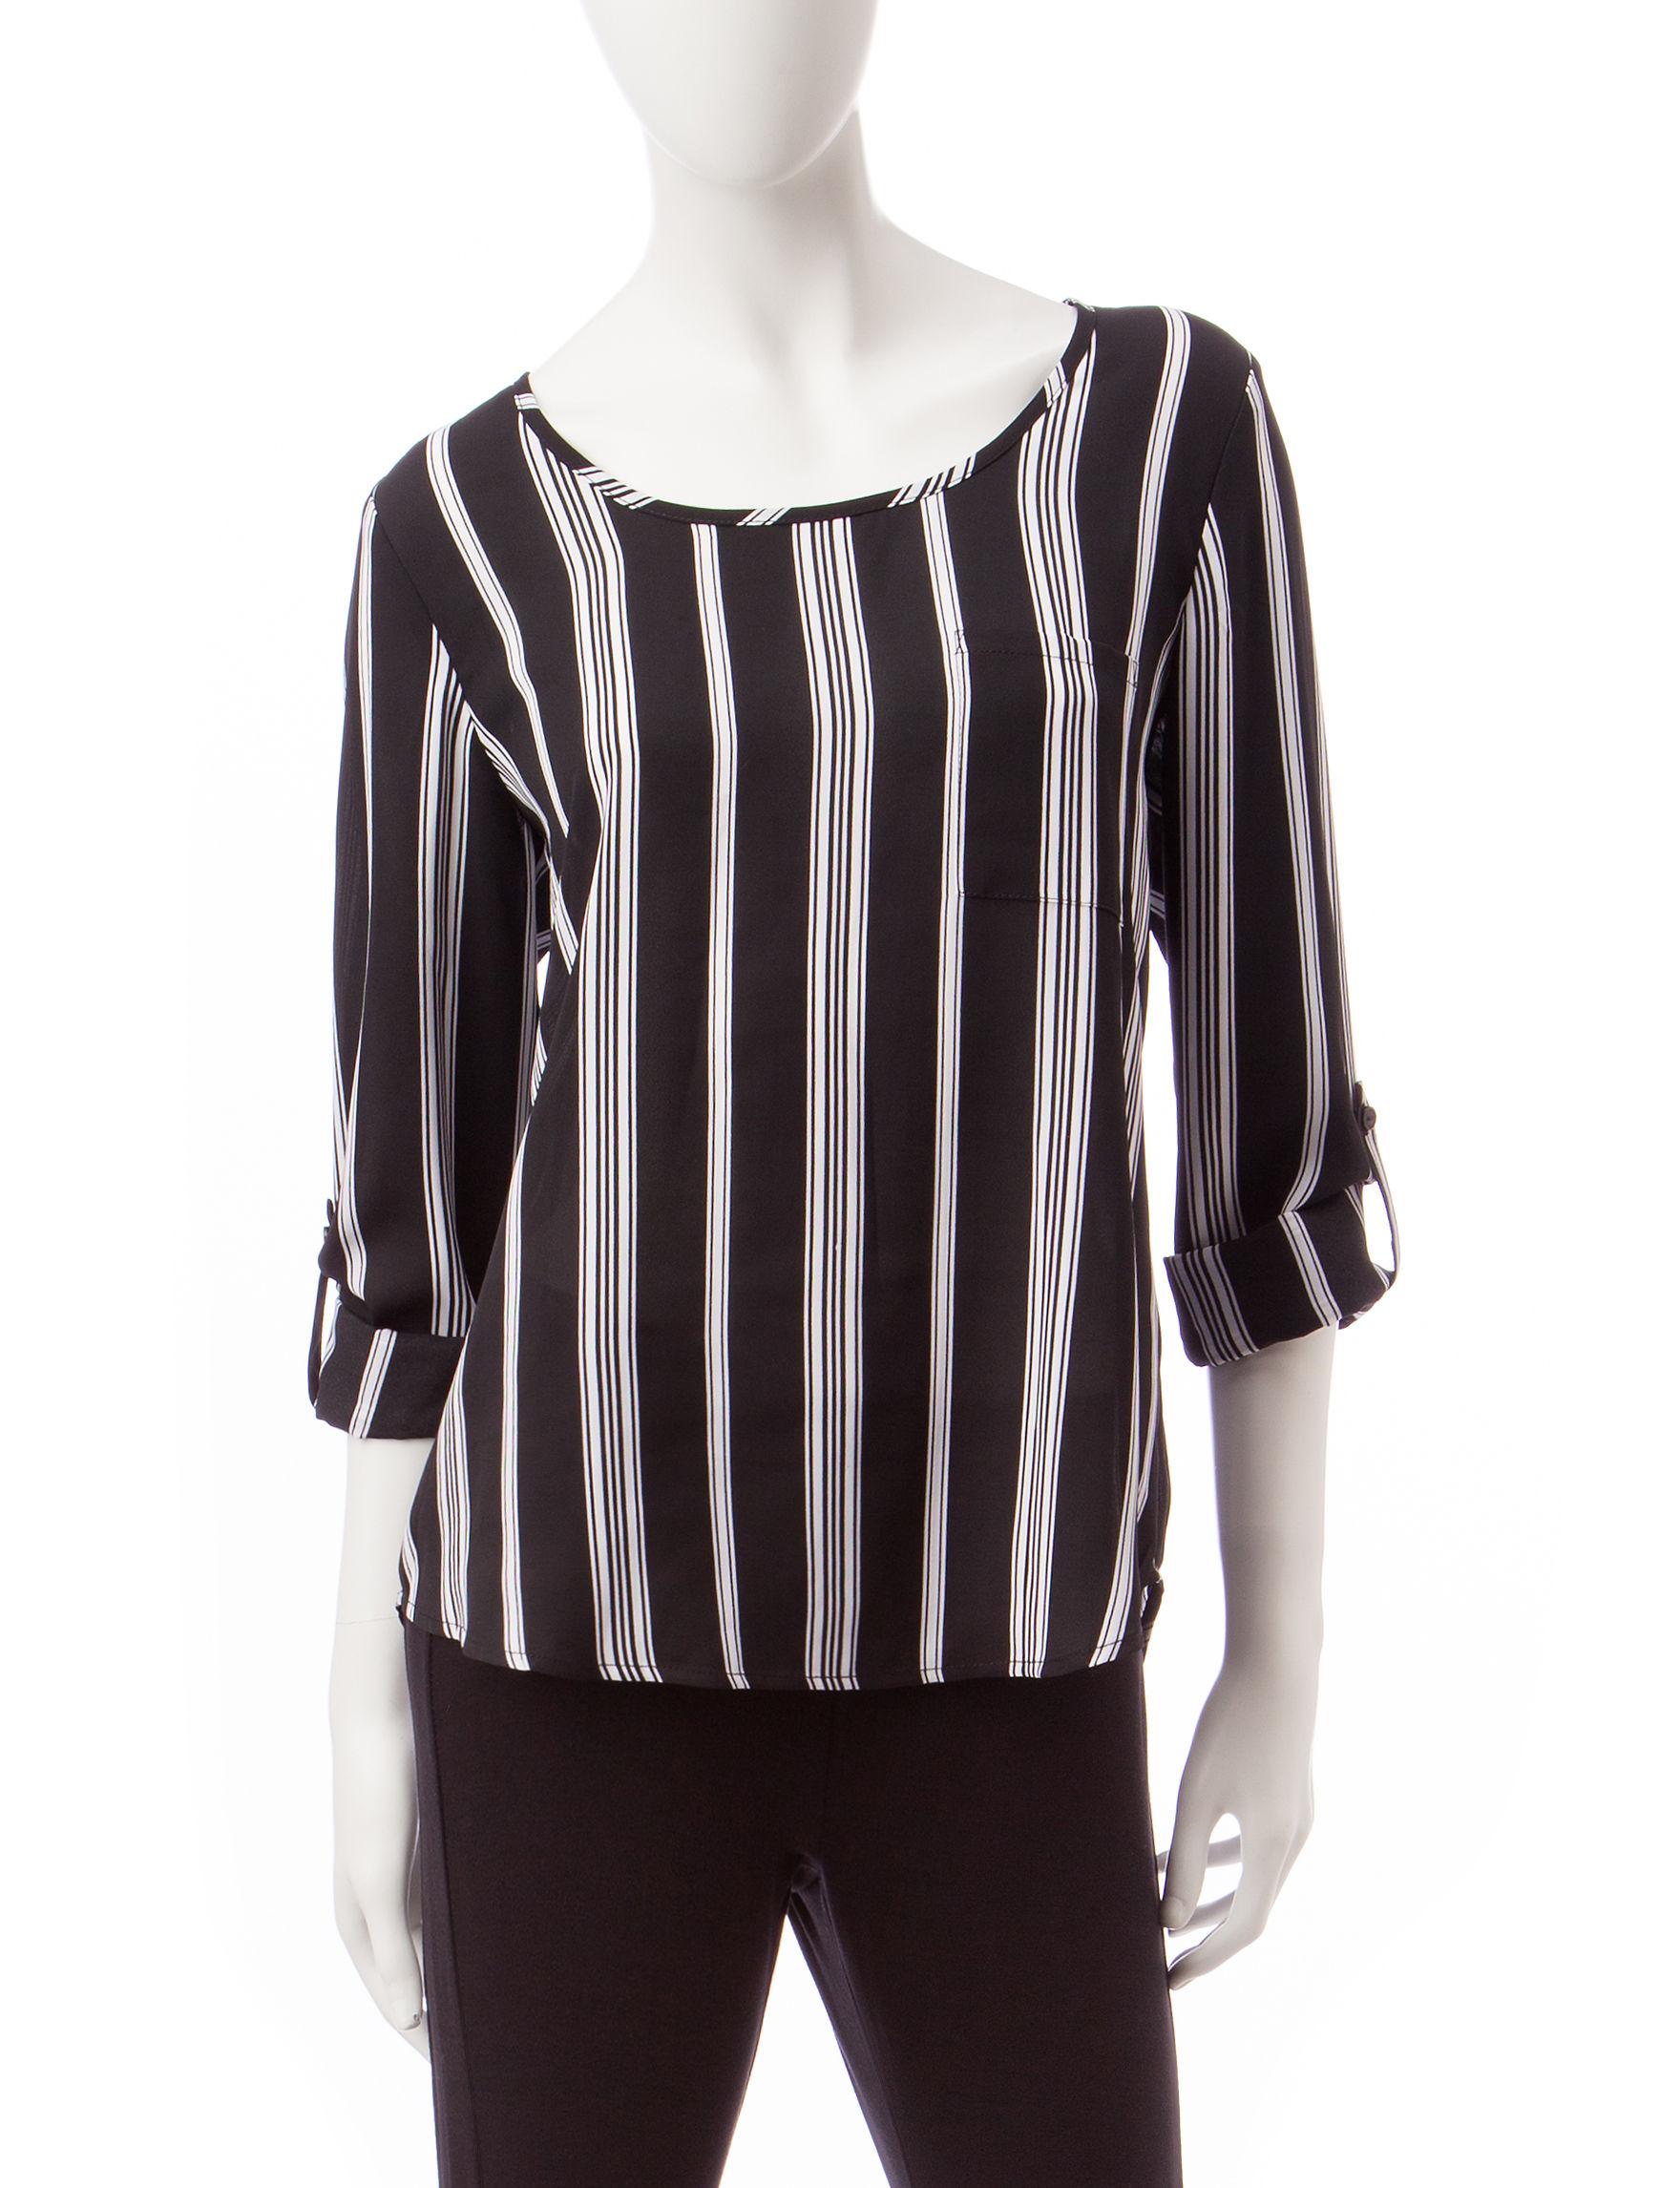 Valerie Stevens Jet Black Shirts & Blouses